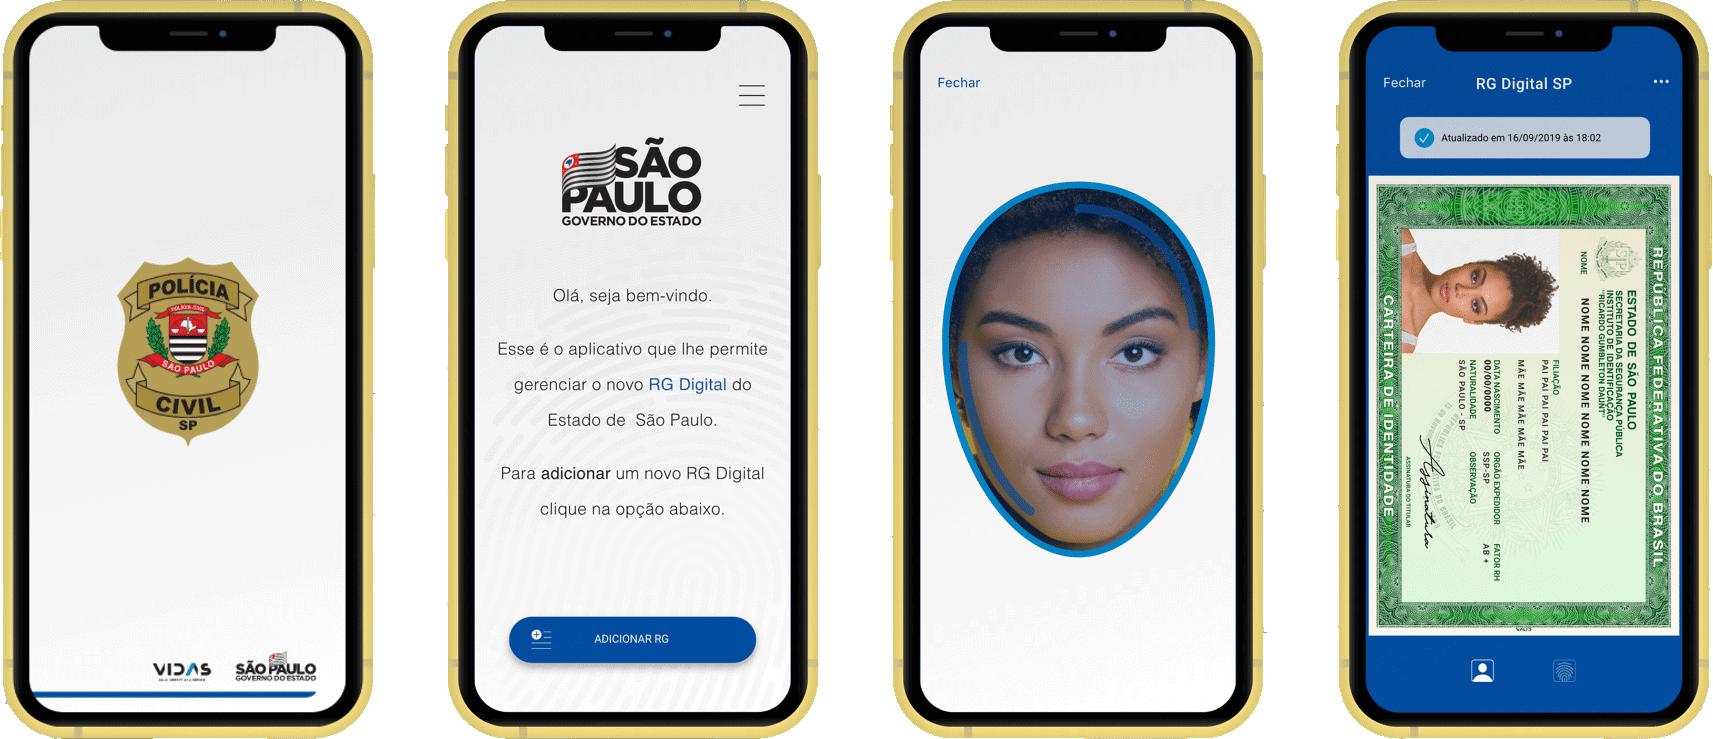 RG Digital: Governo de São Paulo lança no aplicativo para facilitar acesso ao documento